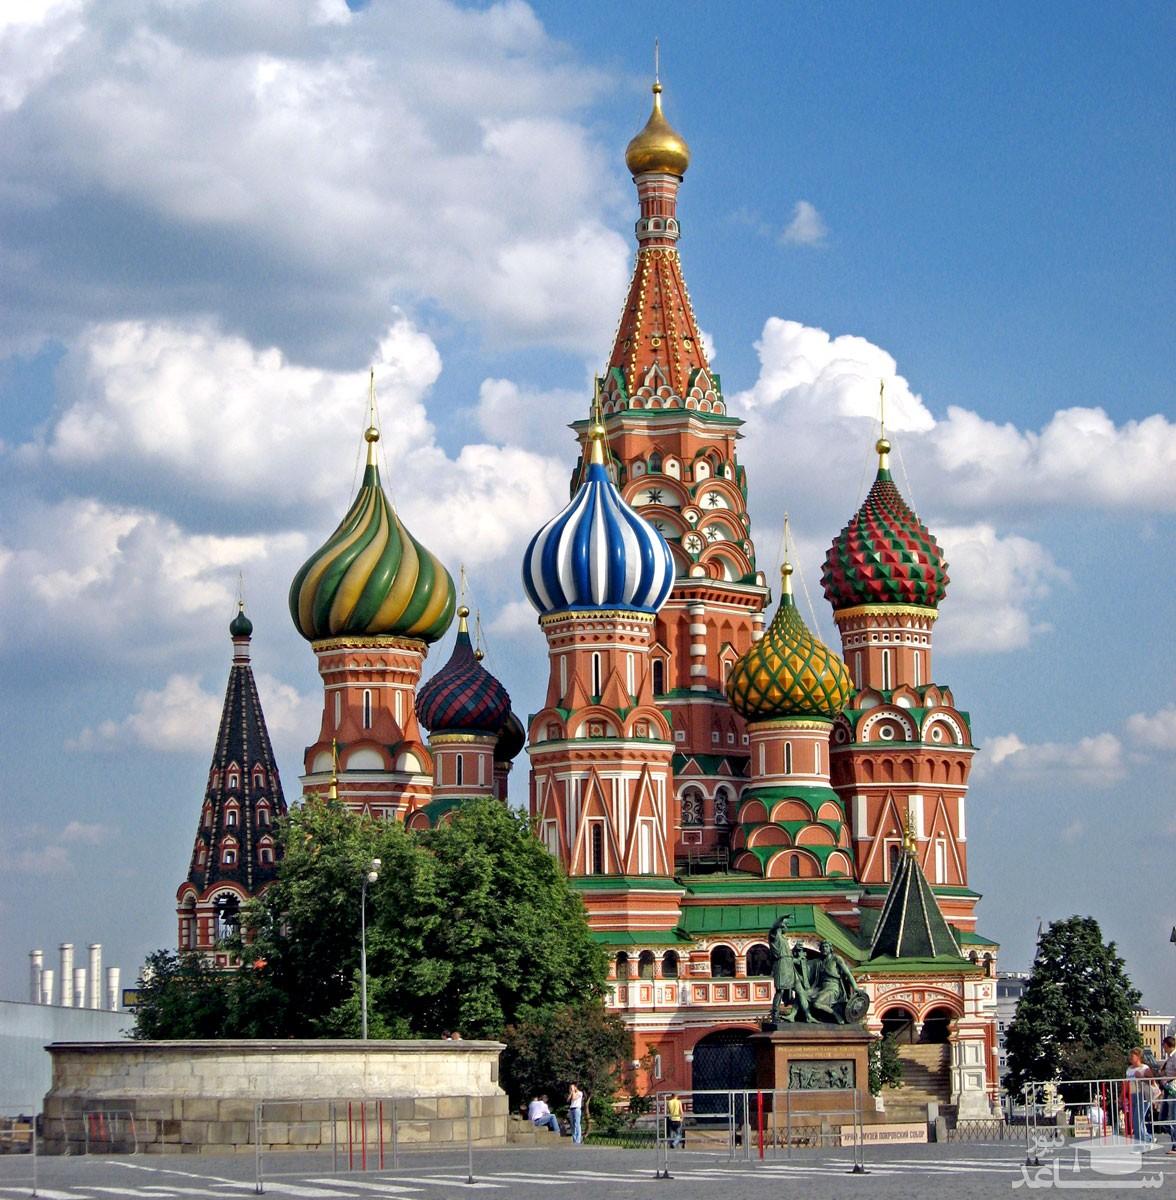 کلیسای جامع سنت باسیل در کجا واقع است و ویژگی های توریستی آن چیست؟